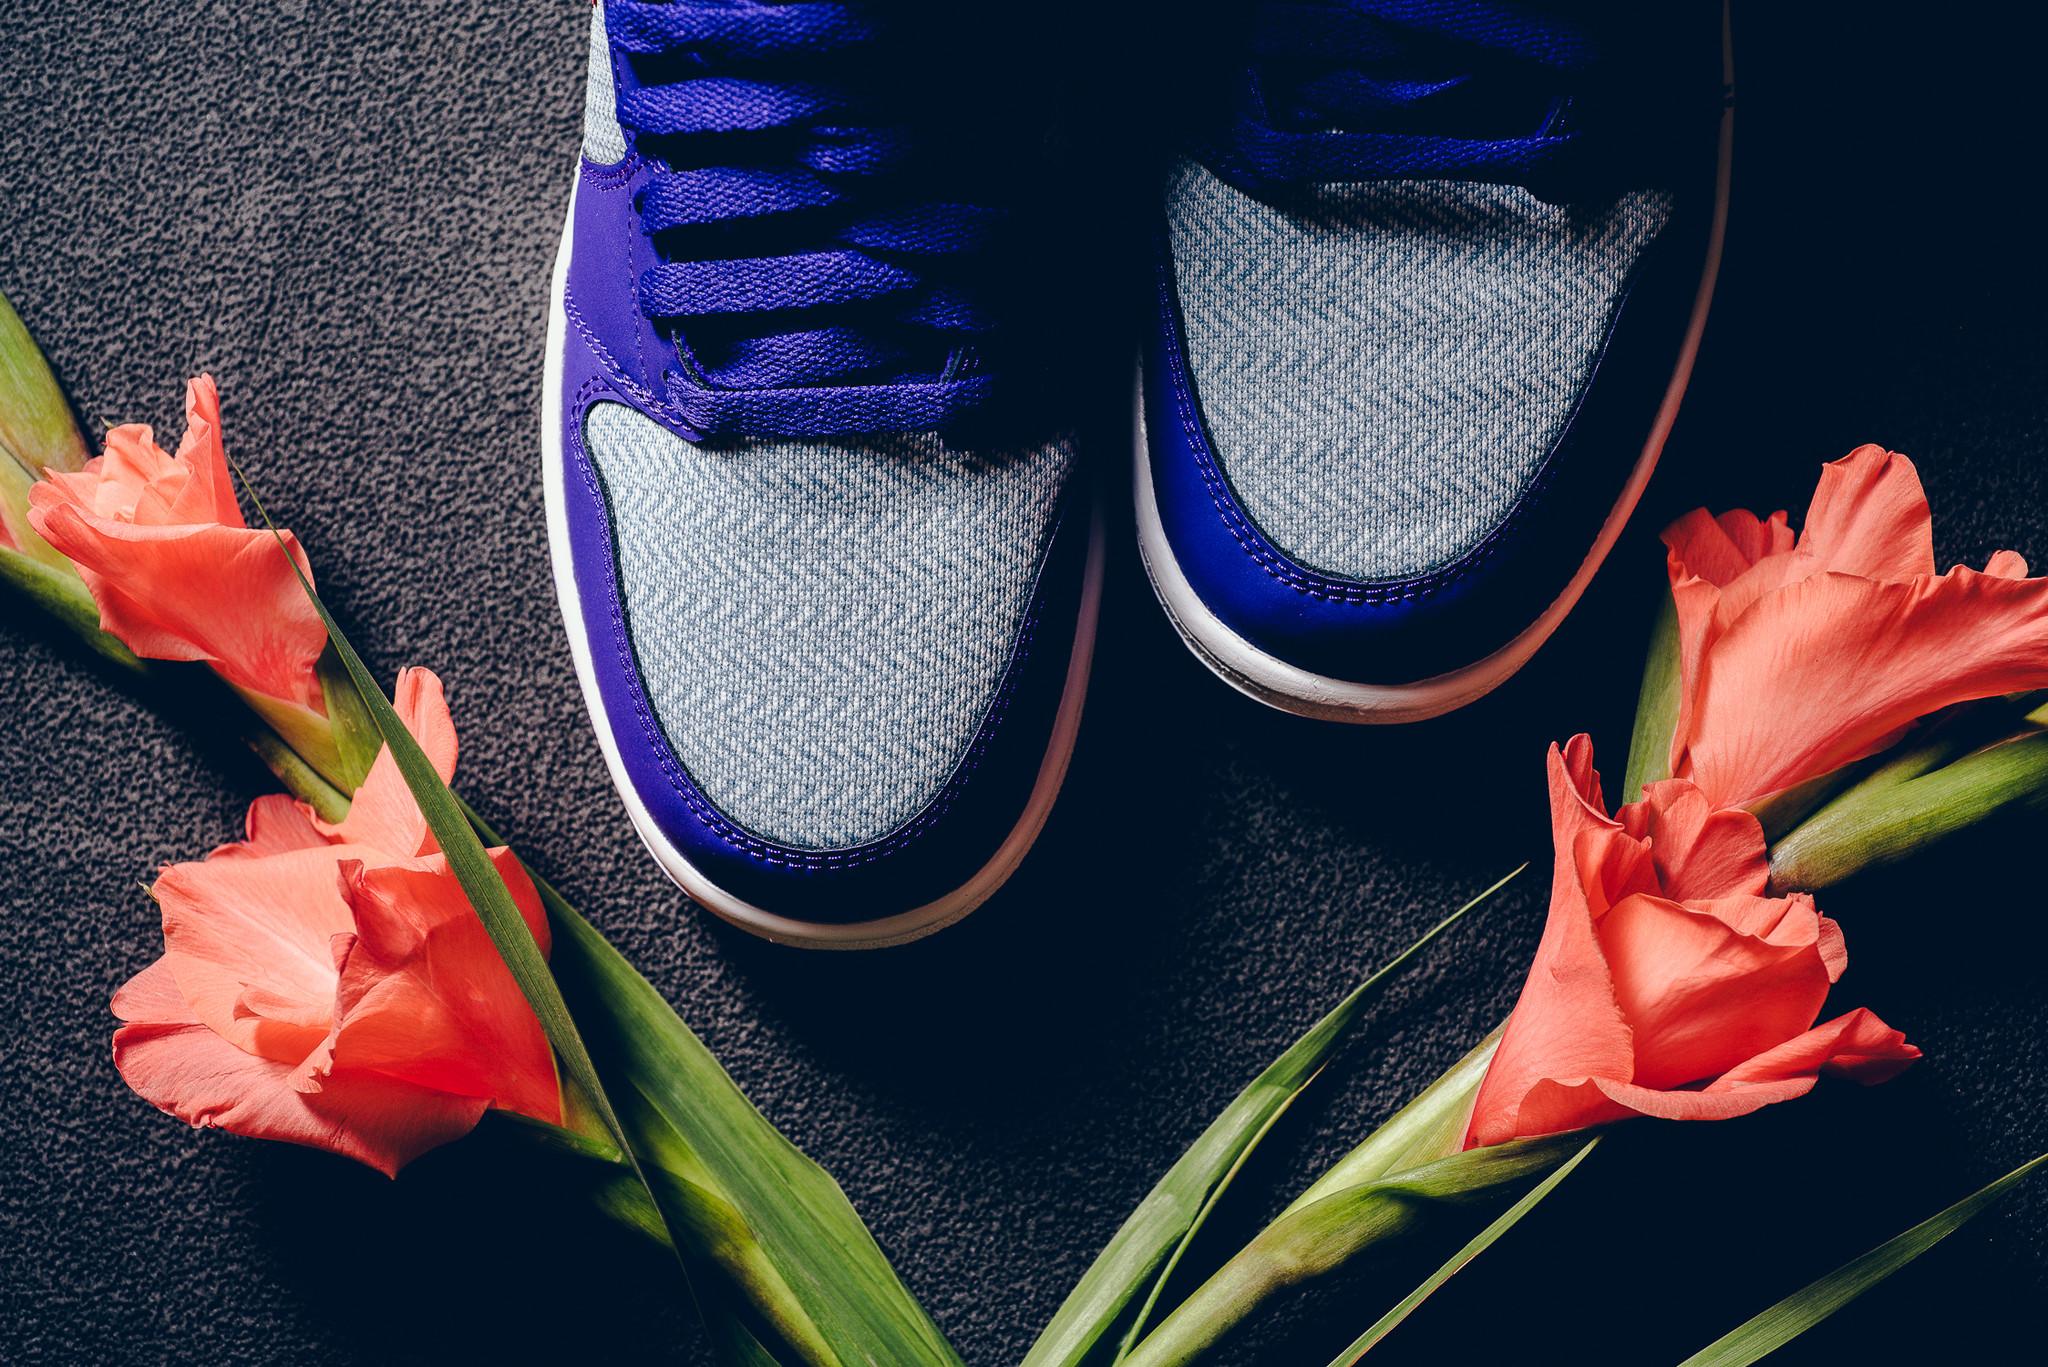 Air Jordan 1 GG Fierce Purple Toe